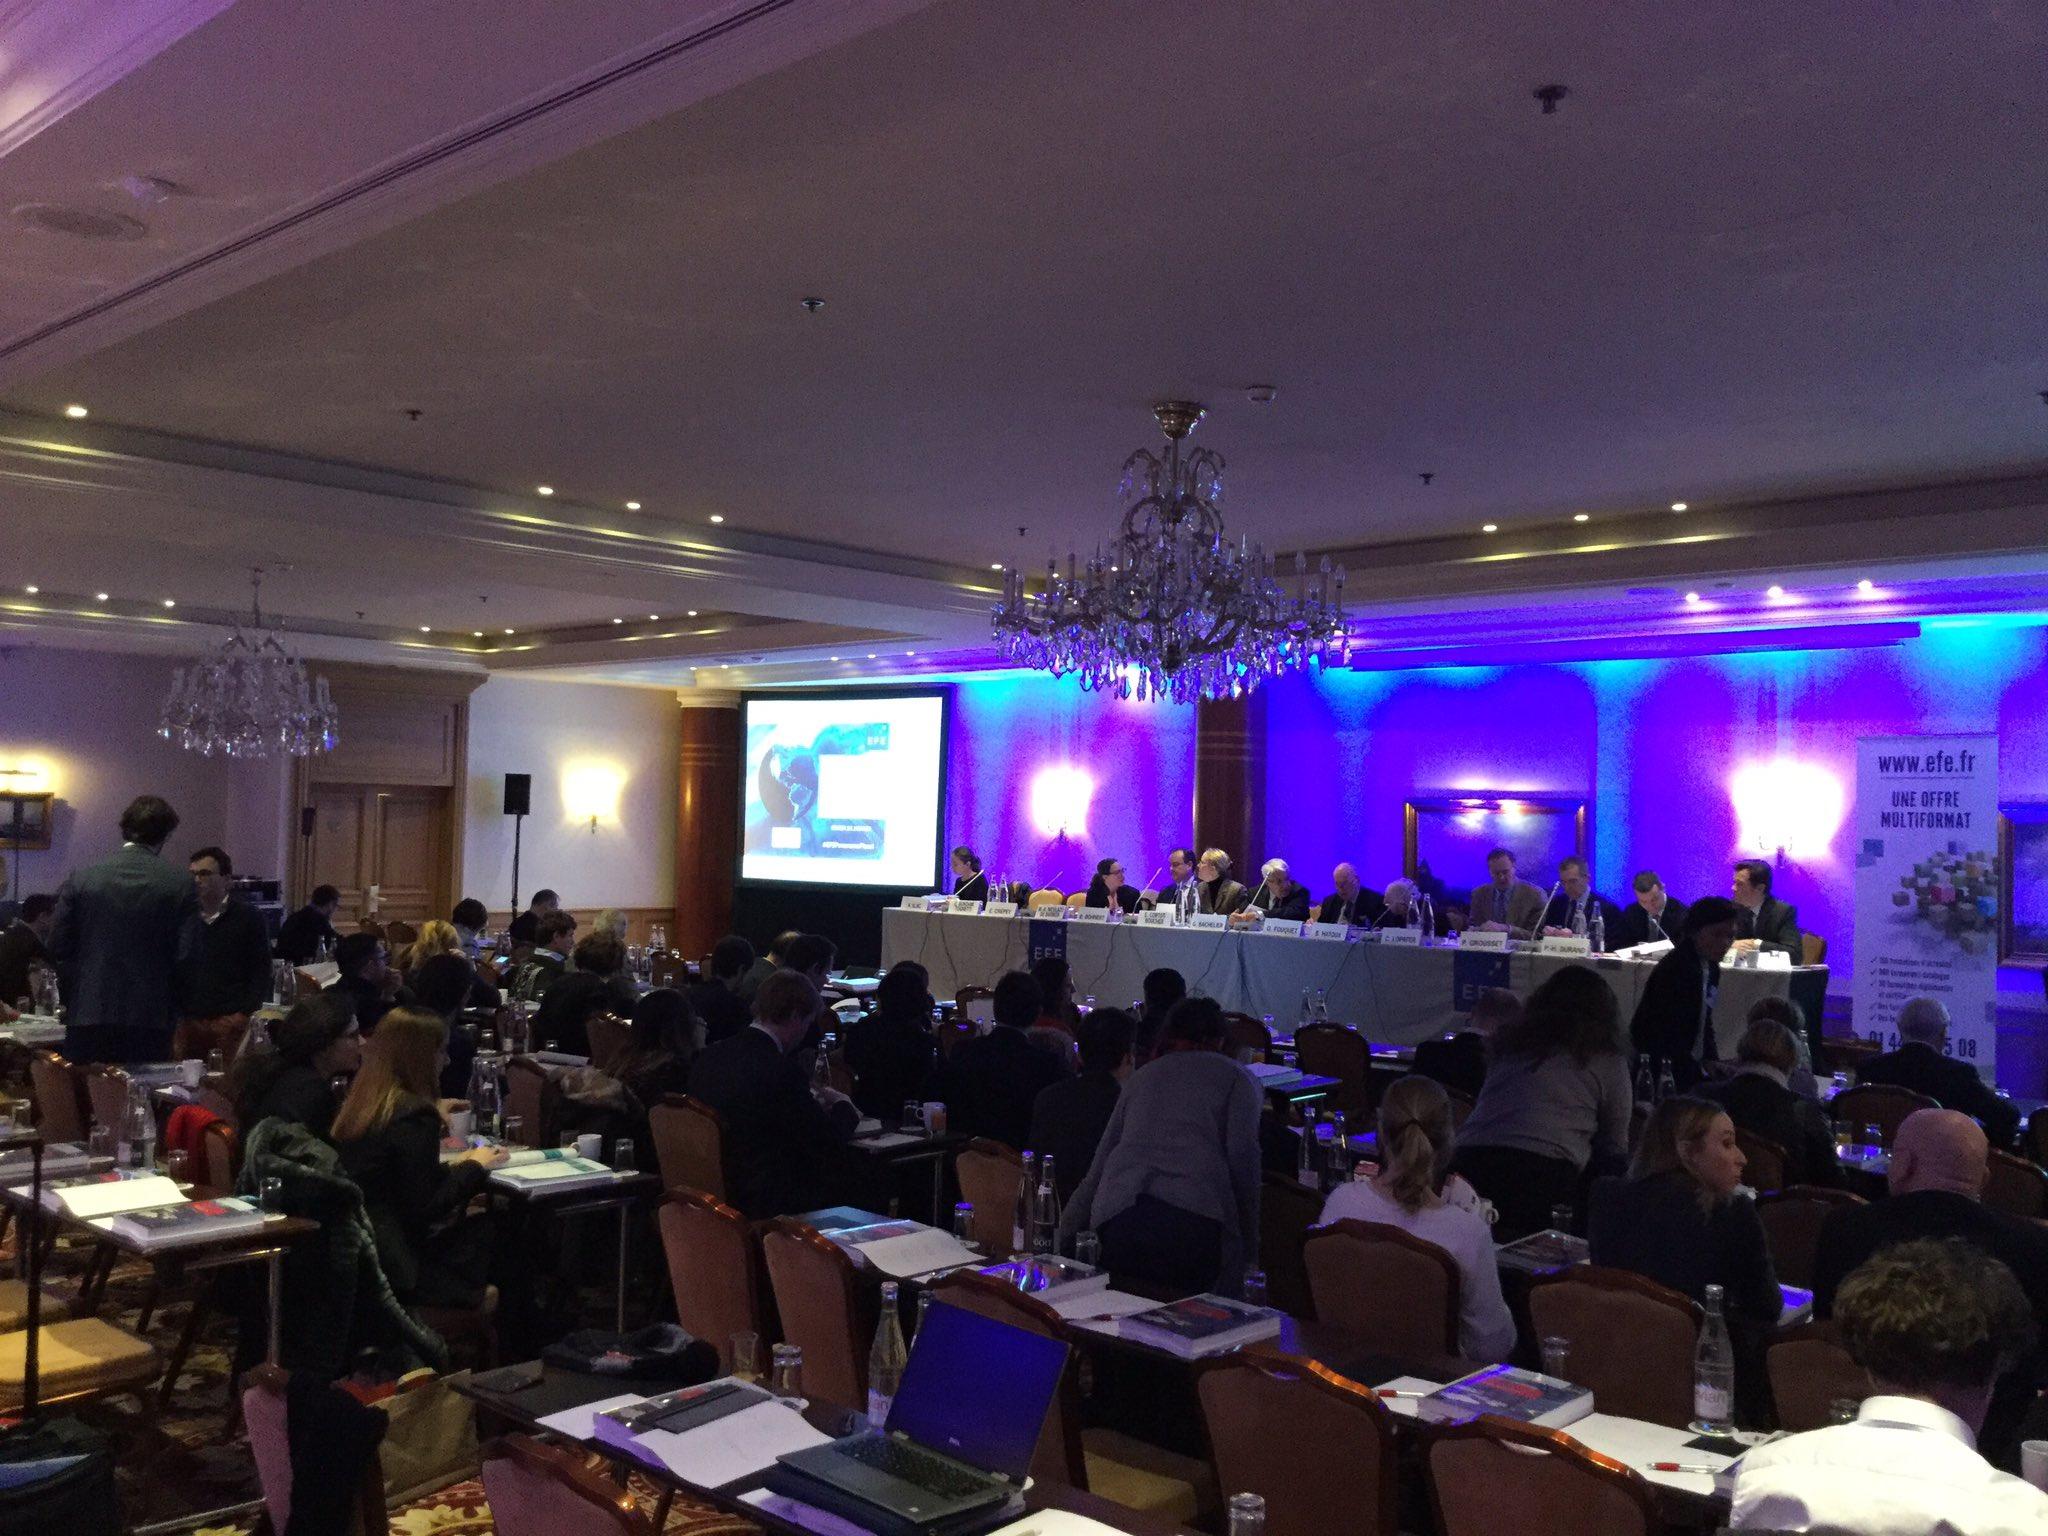 Les derniers participants s'installent. La 24e édition du Panorama Fiscal commence ! Réagissez en direct #EFEPanoramaFiscal https://t.co/TgEaOHCbdh